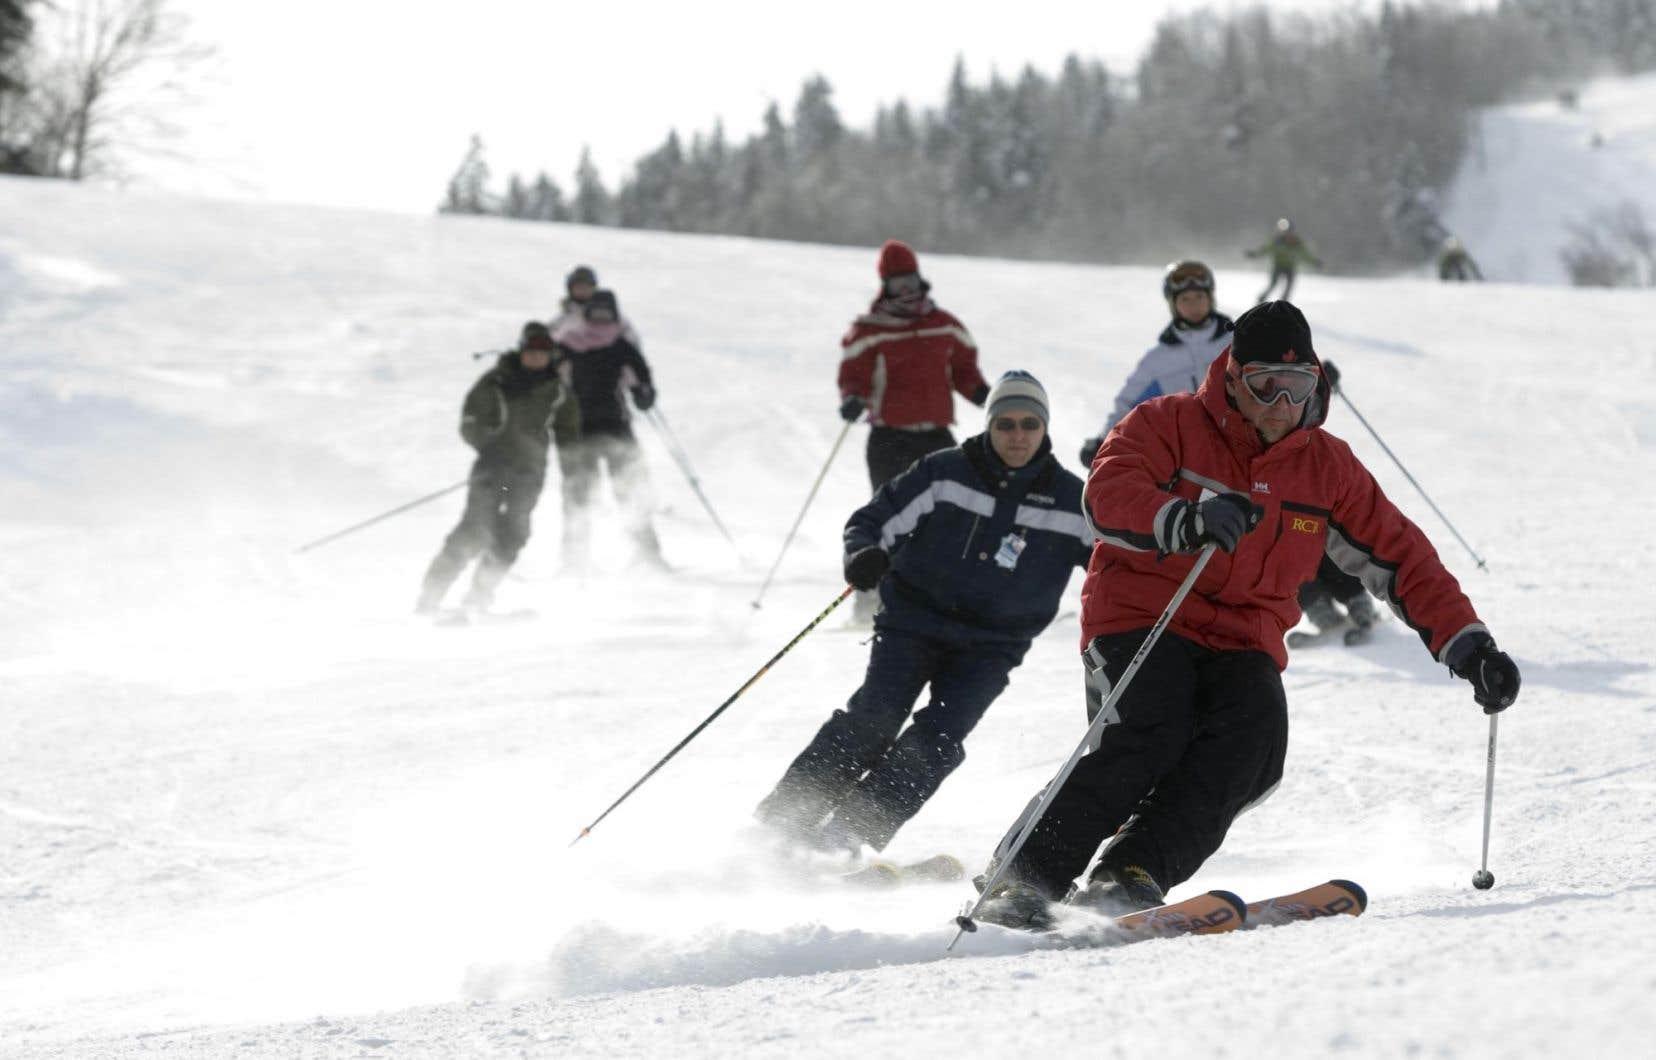 Météomédia a prévu des neiges abondantes cet hiver dans les Rocheuses et des chutes de neige normales dans les Prairies.